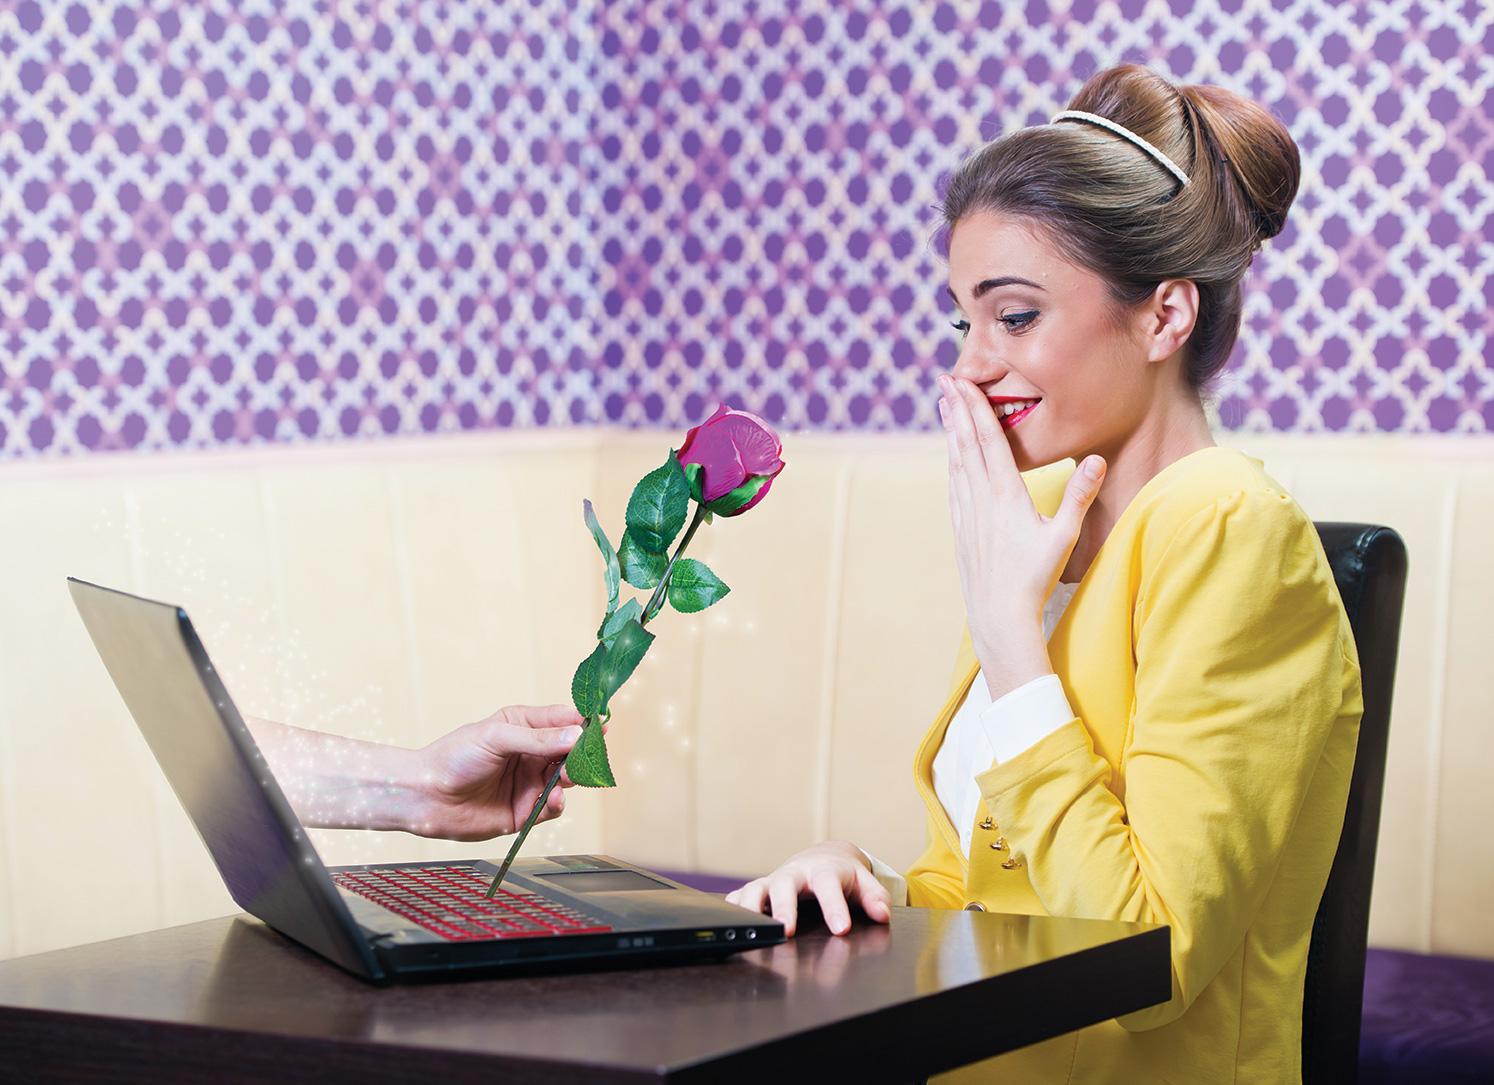 Opinião: Webnamoro é progresso ou retrocesso do relacionamento?